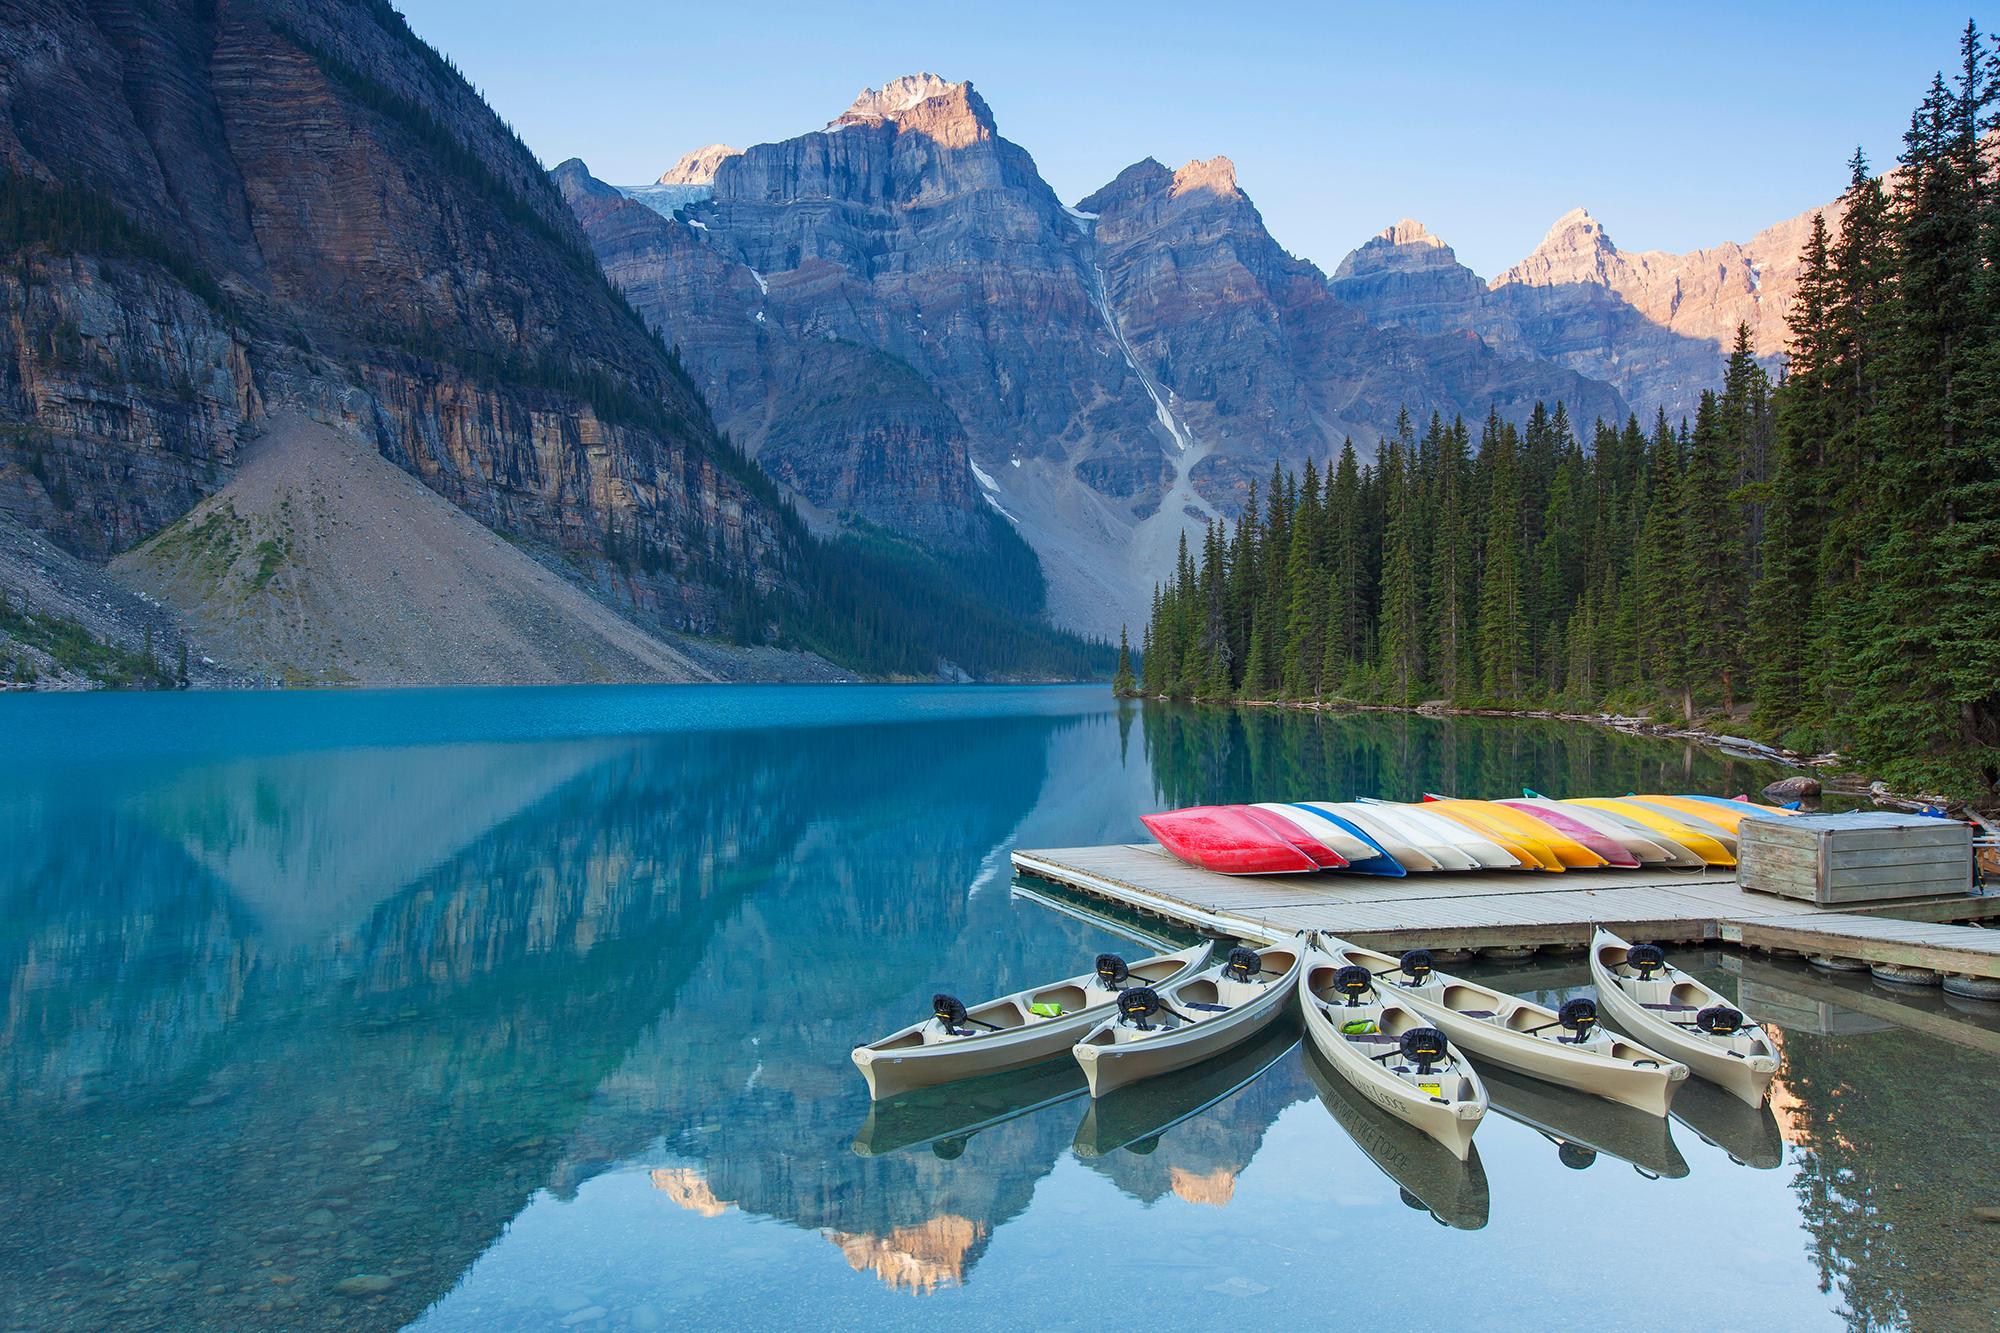 Canada's glassy lake near Banff